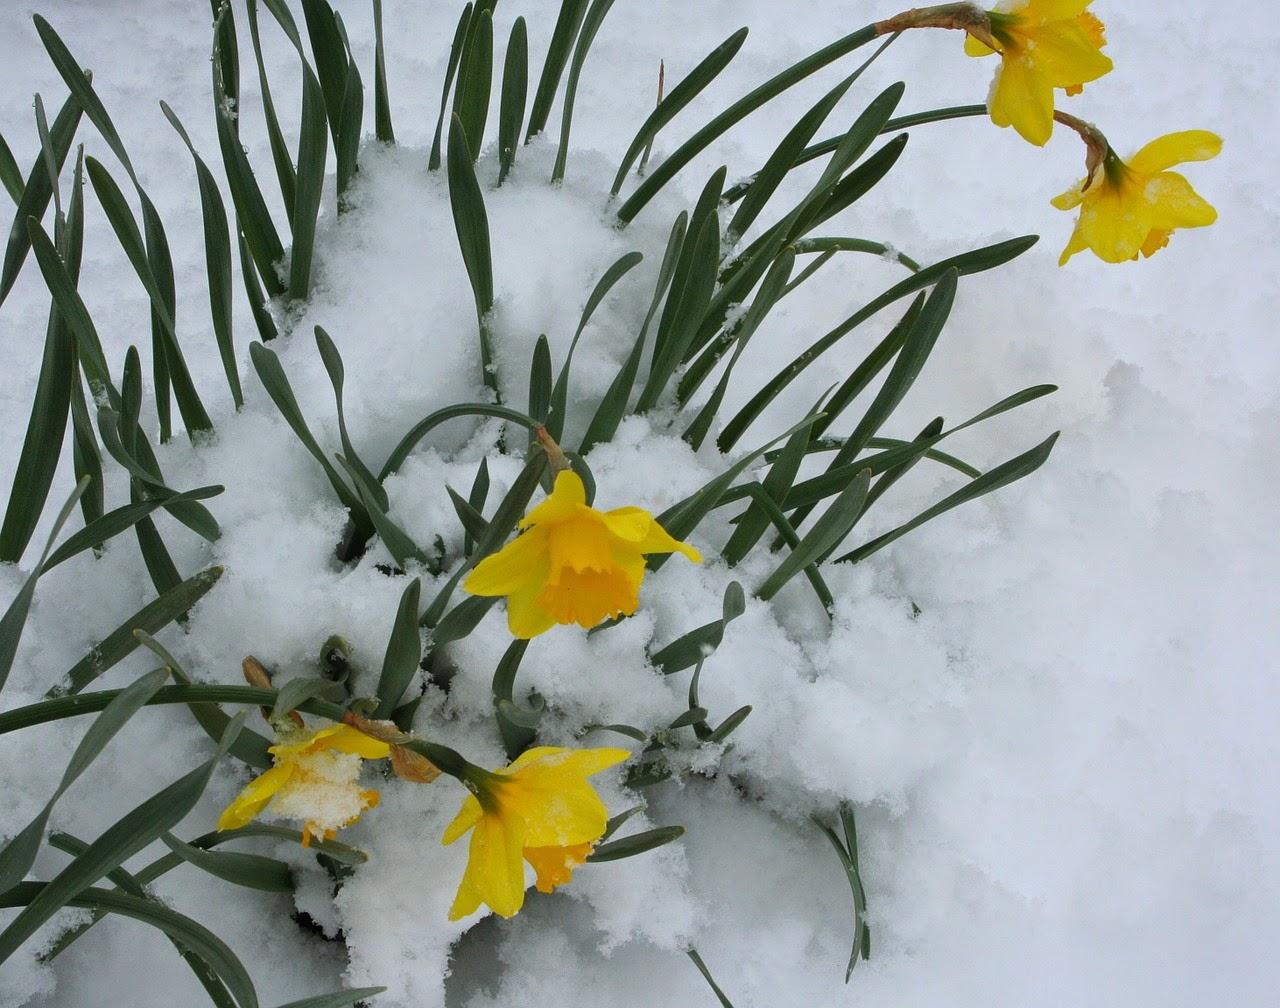 Thủy tiên là loài hoa nở trong giá lạnh nghênh đón nắng xuân như hoa mai, hoa đào. (Ảnh: pixabay.com)